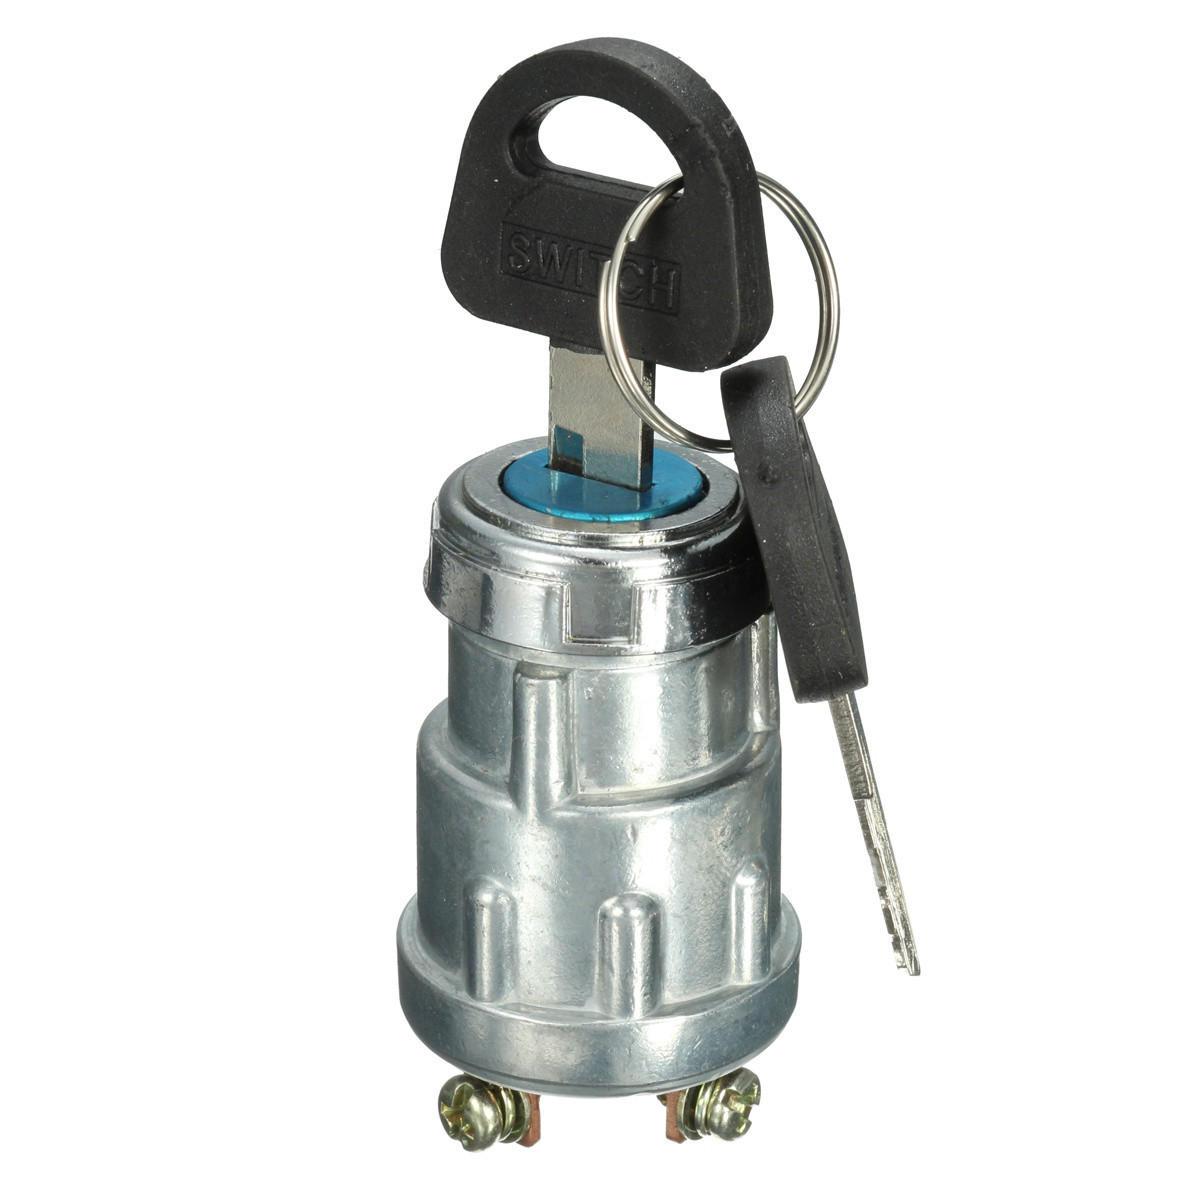 Coche barco Interruptor de llave de arranque de encendido de 12 V 4 posiciones Gasolina Diesel Motor